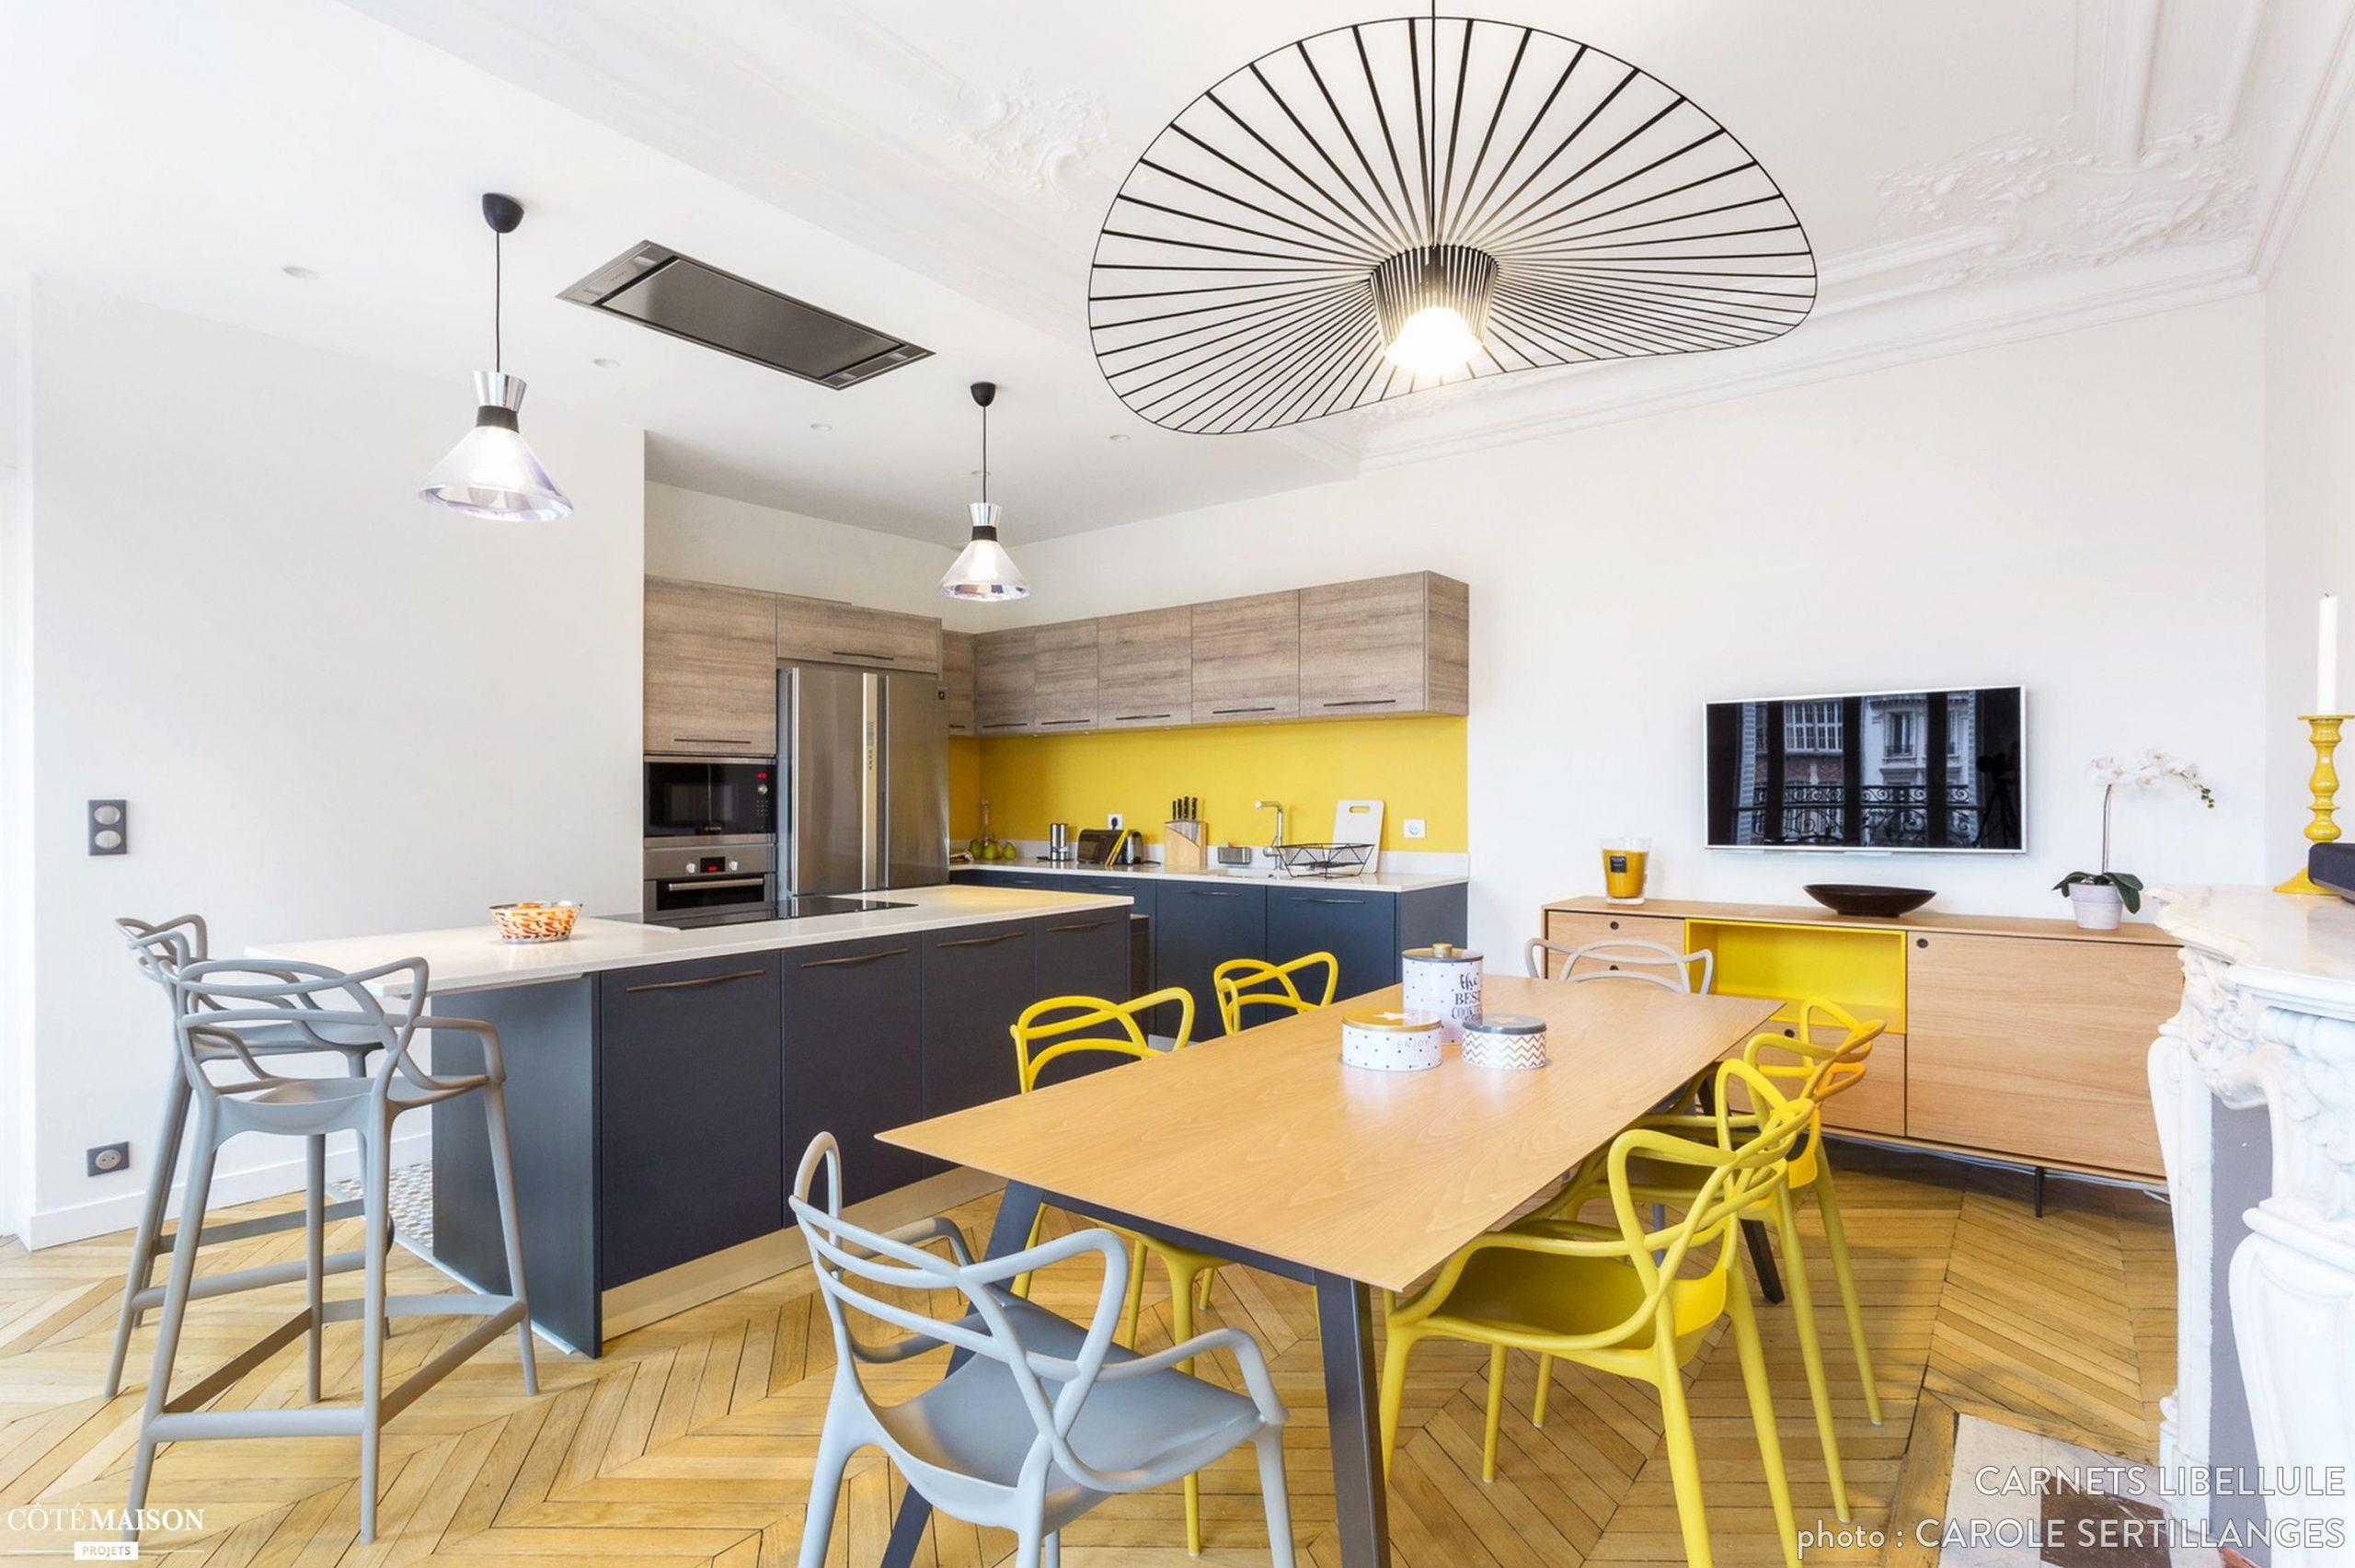 Luxury Aménagement Cuisine Salon 30M2 | Kitchen Remodel pour Salon Cuisine 30M2 Aménagement